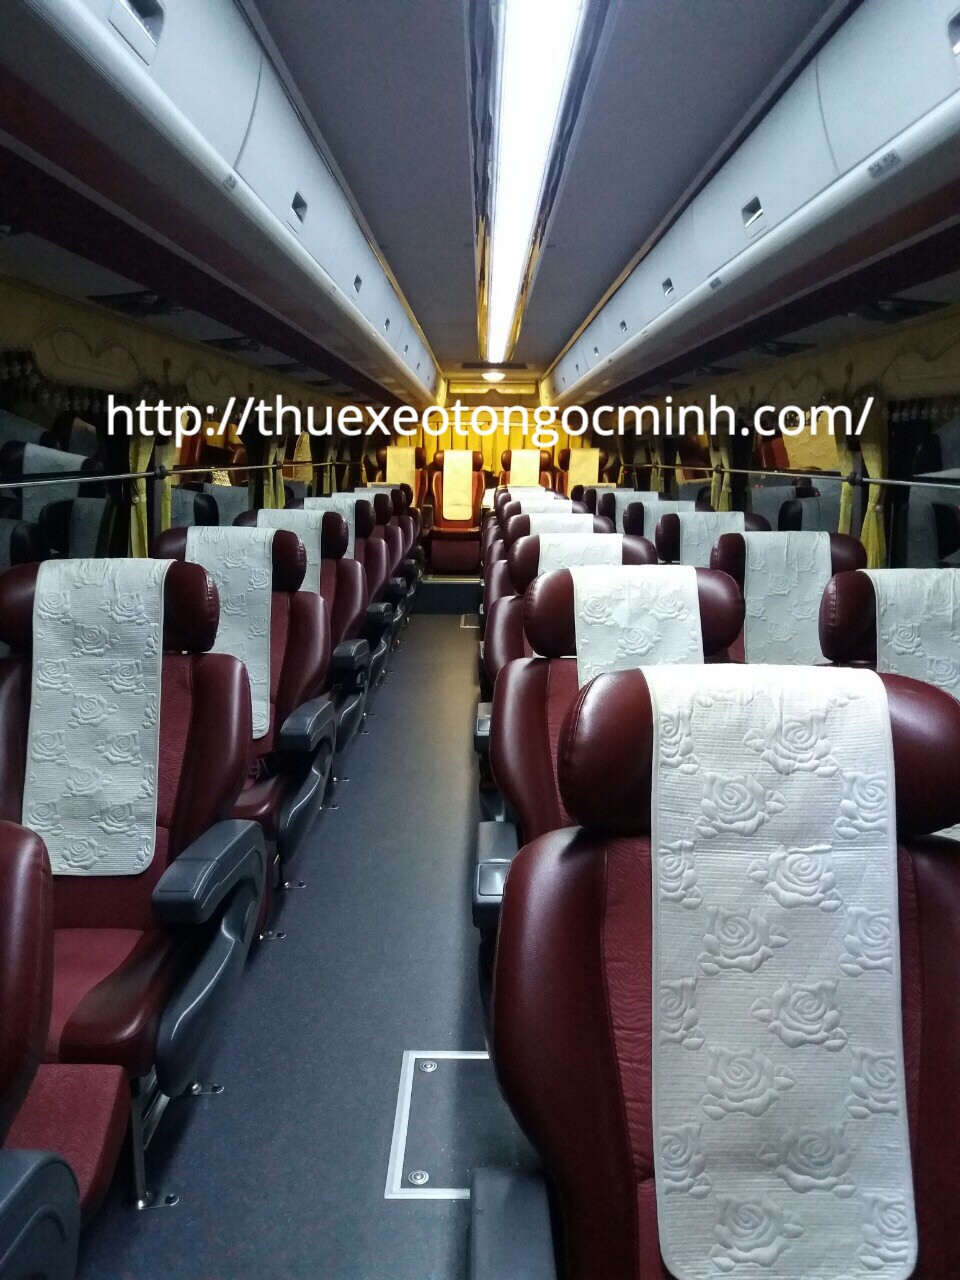 Thuê xe 45 chỗ đi cảng Cái Rồng tại Ngọc Minh